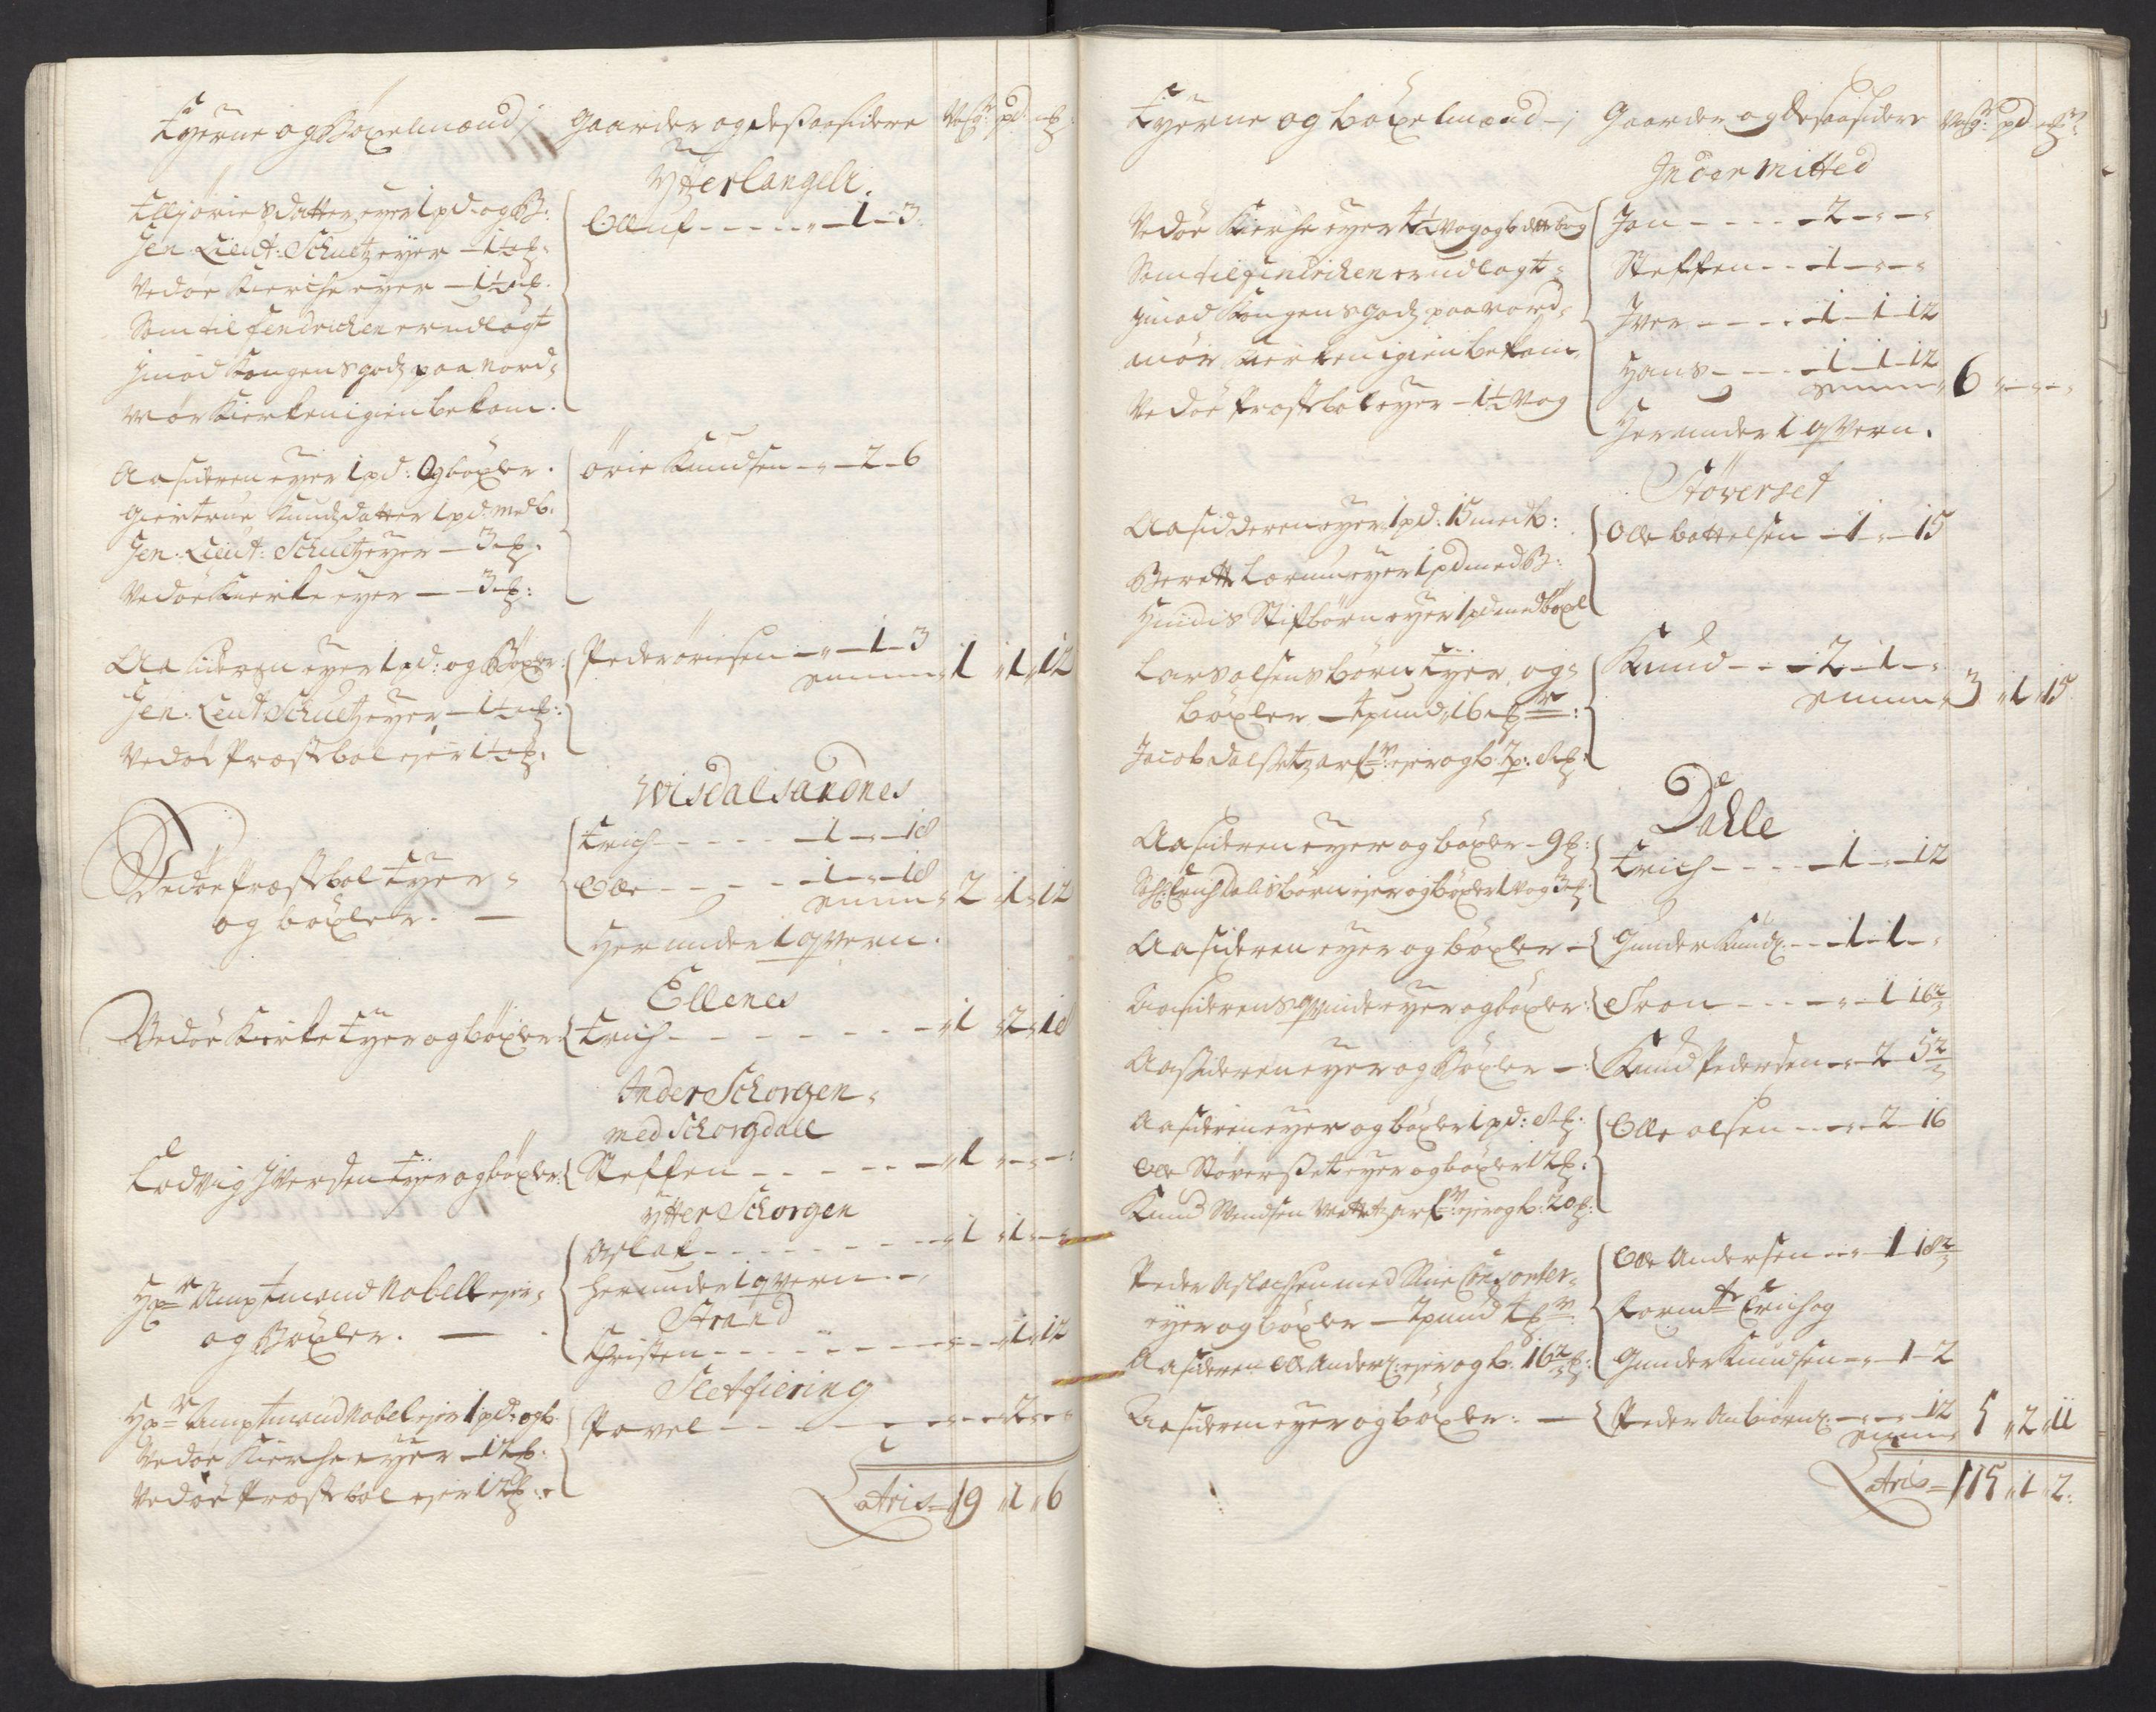 RA, Rentekammeret inntil 1814, Reviderte regnskaper, Fogderegnskap, R55/L3661: Fogderegnskap Romsdal, 1712, s. 32